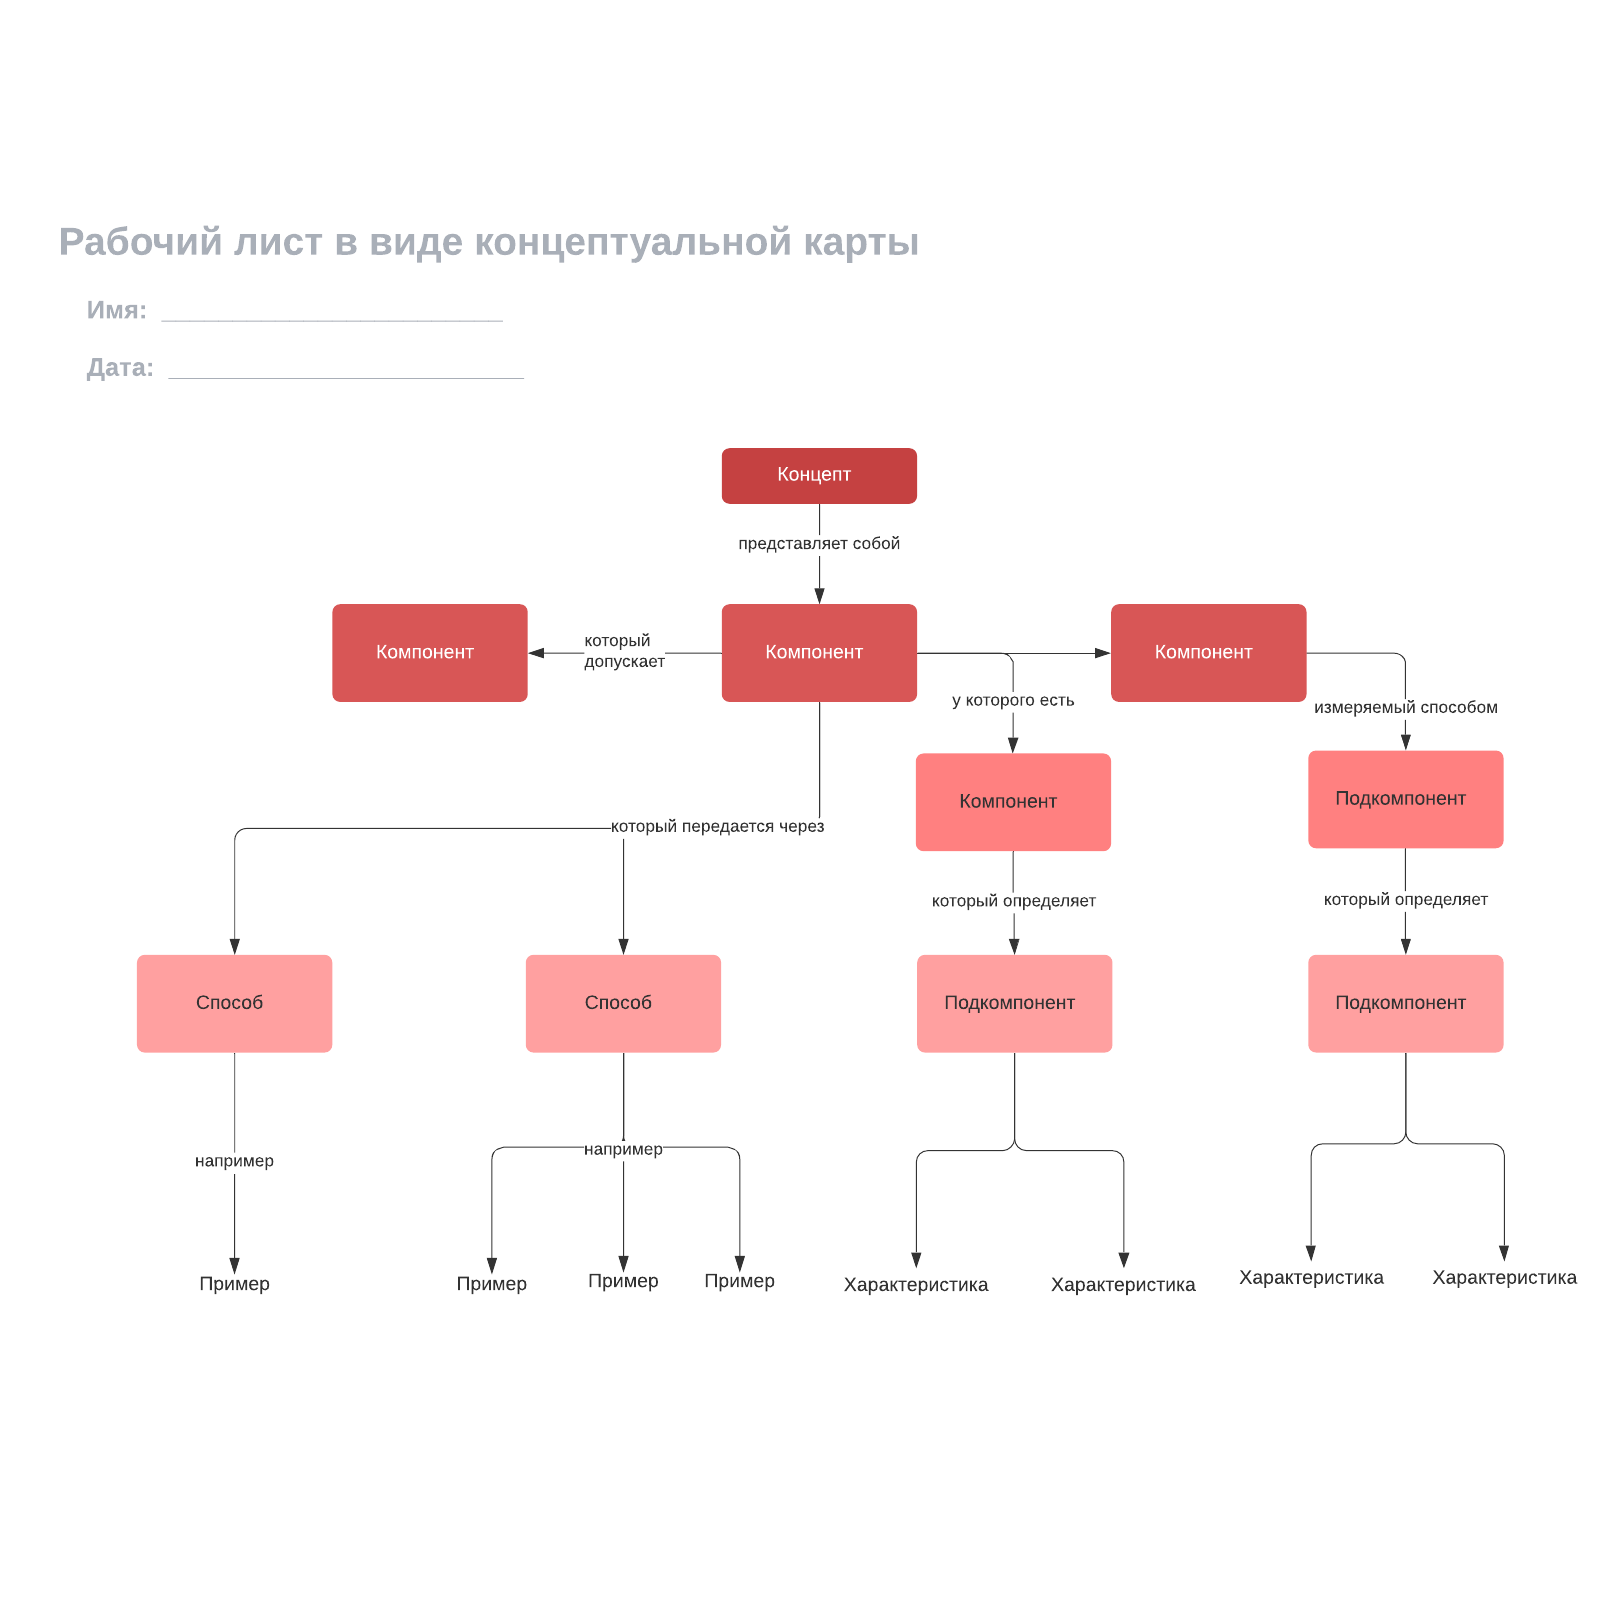 Рабочий лист в виде концептуальной карты